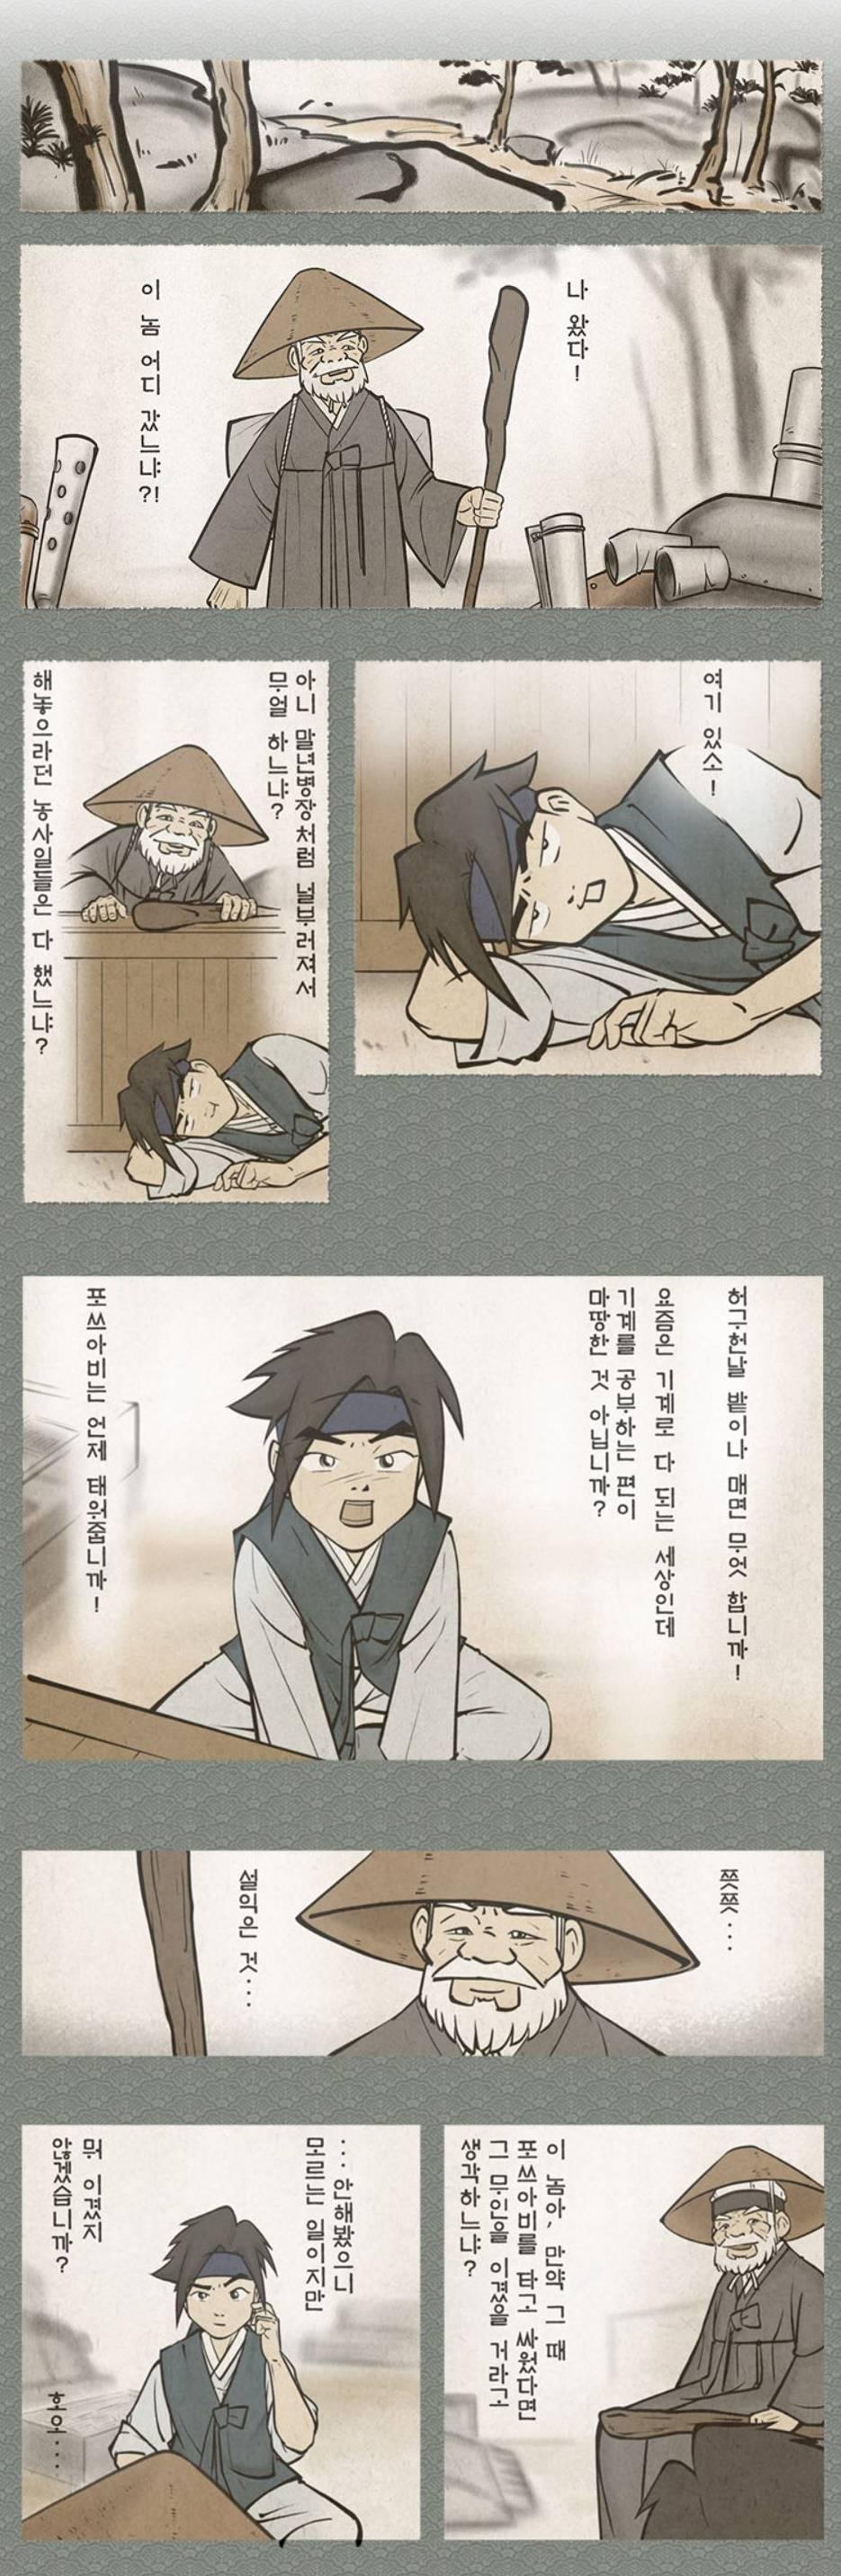 홍길동이 거대 로봇을 타고 싸우는 만화.manhwa | 인스티즈